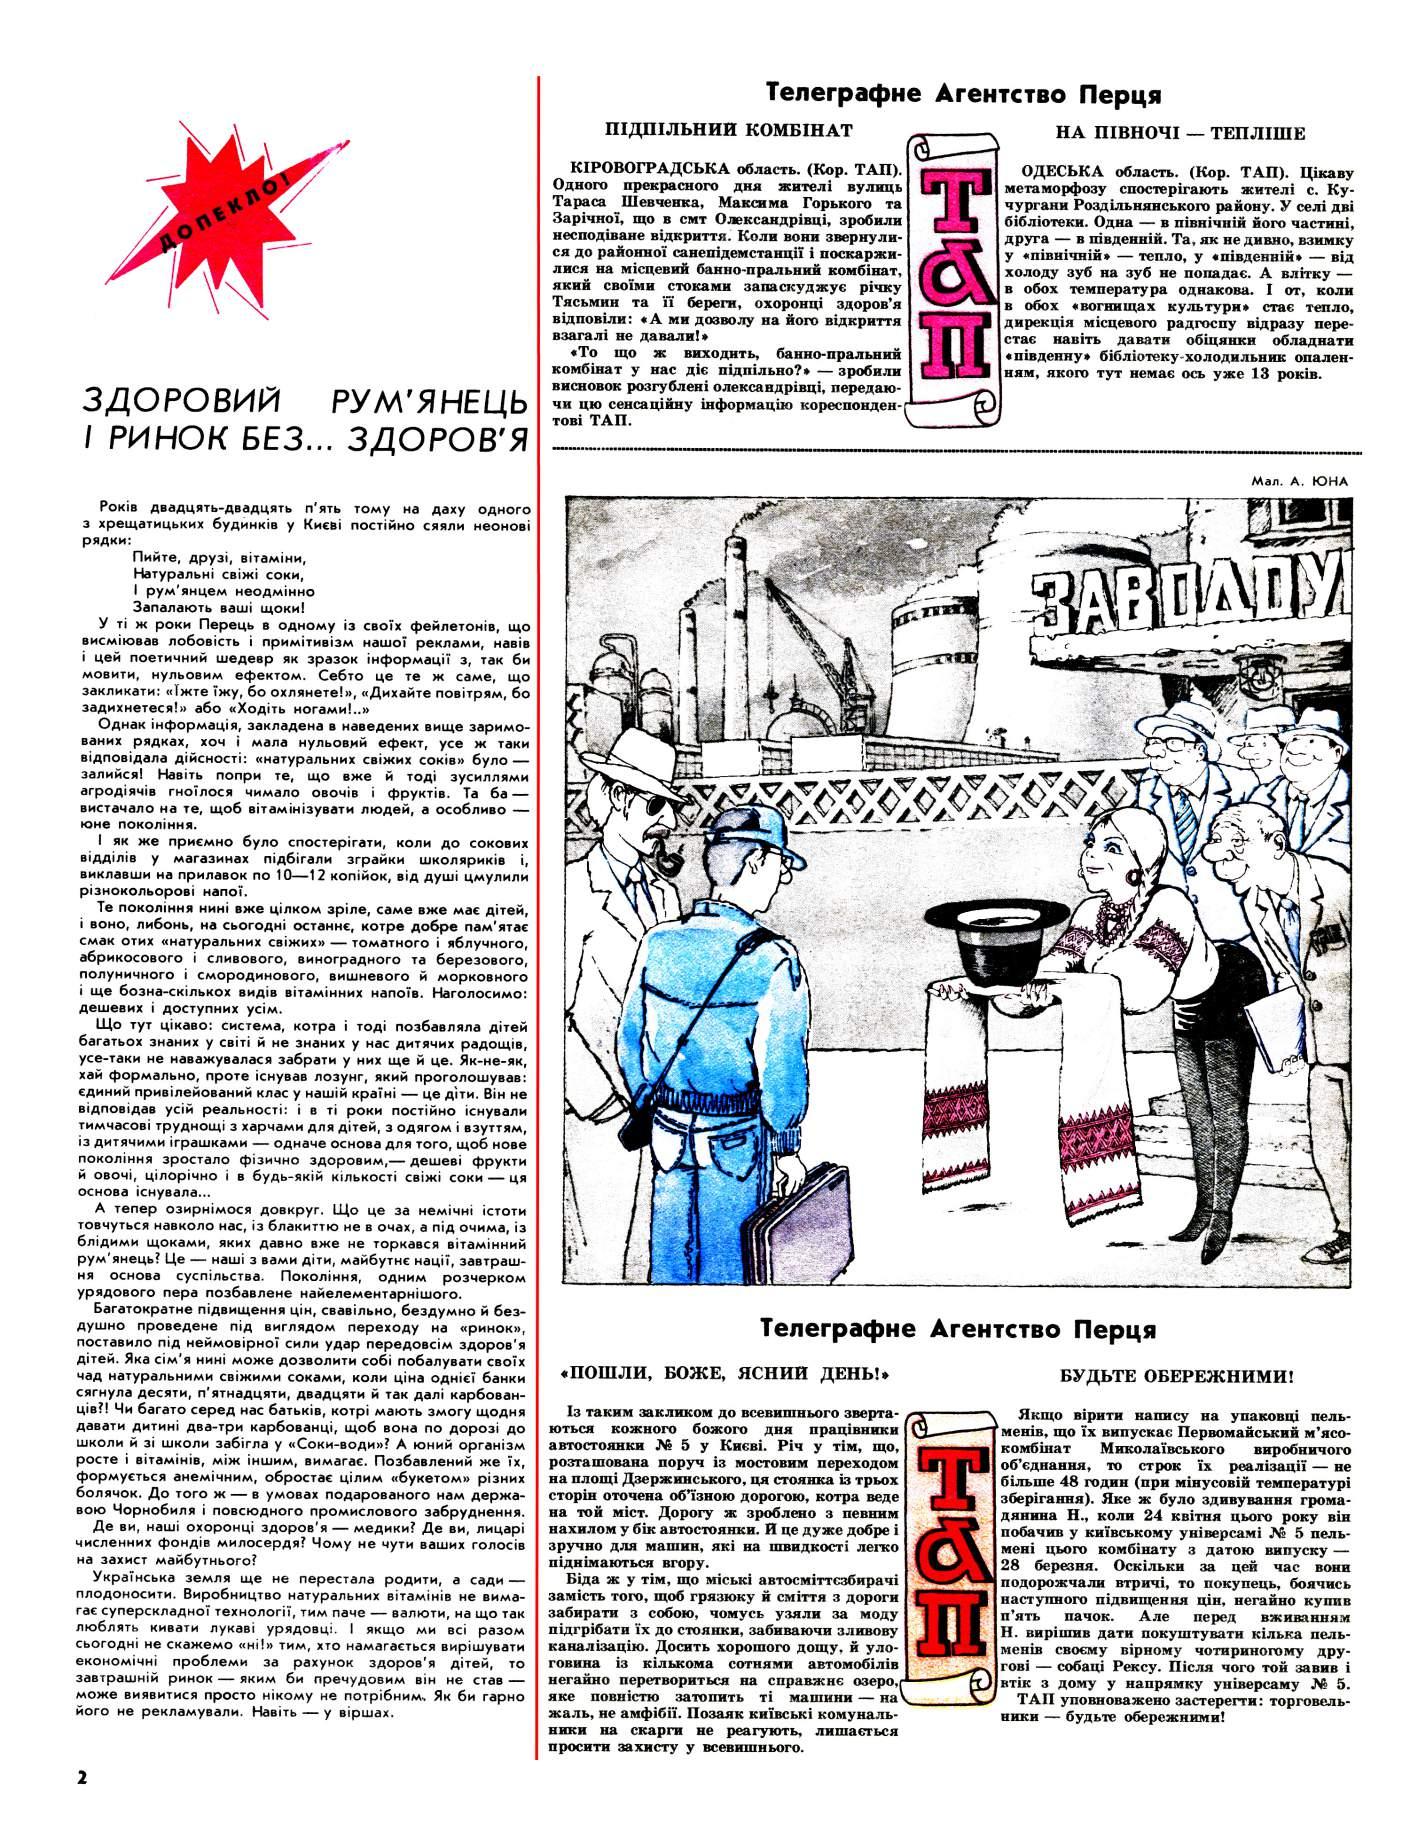 Журнал перець 1991 №11